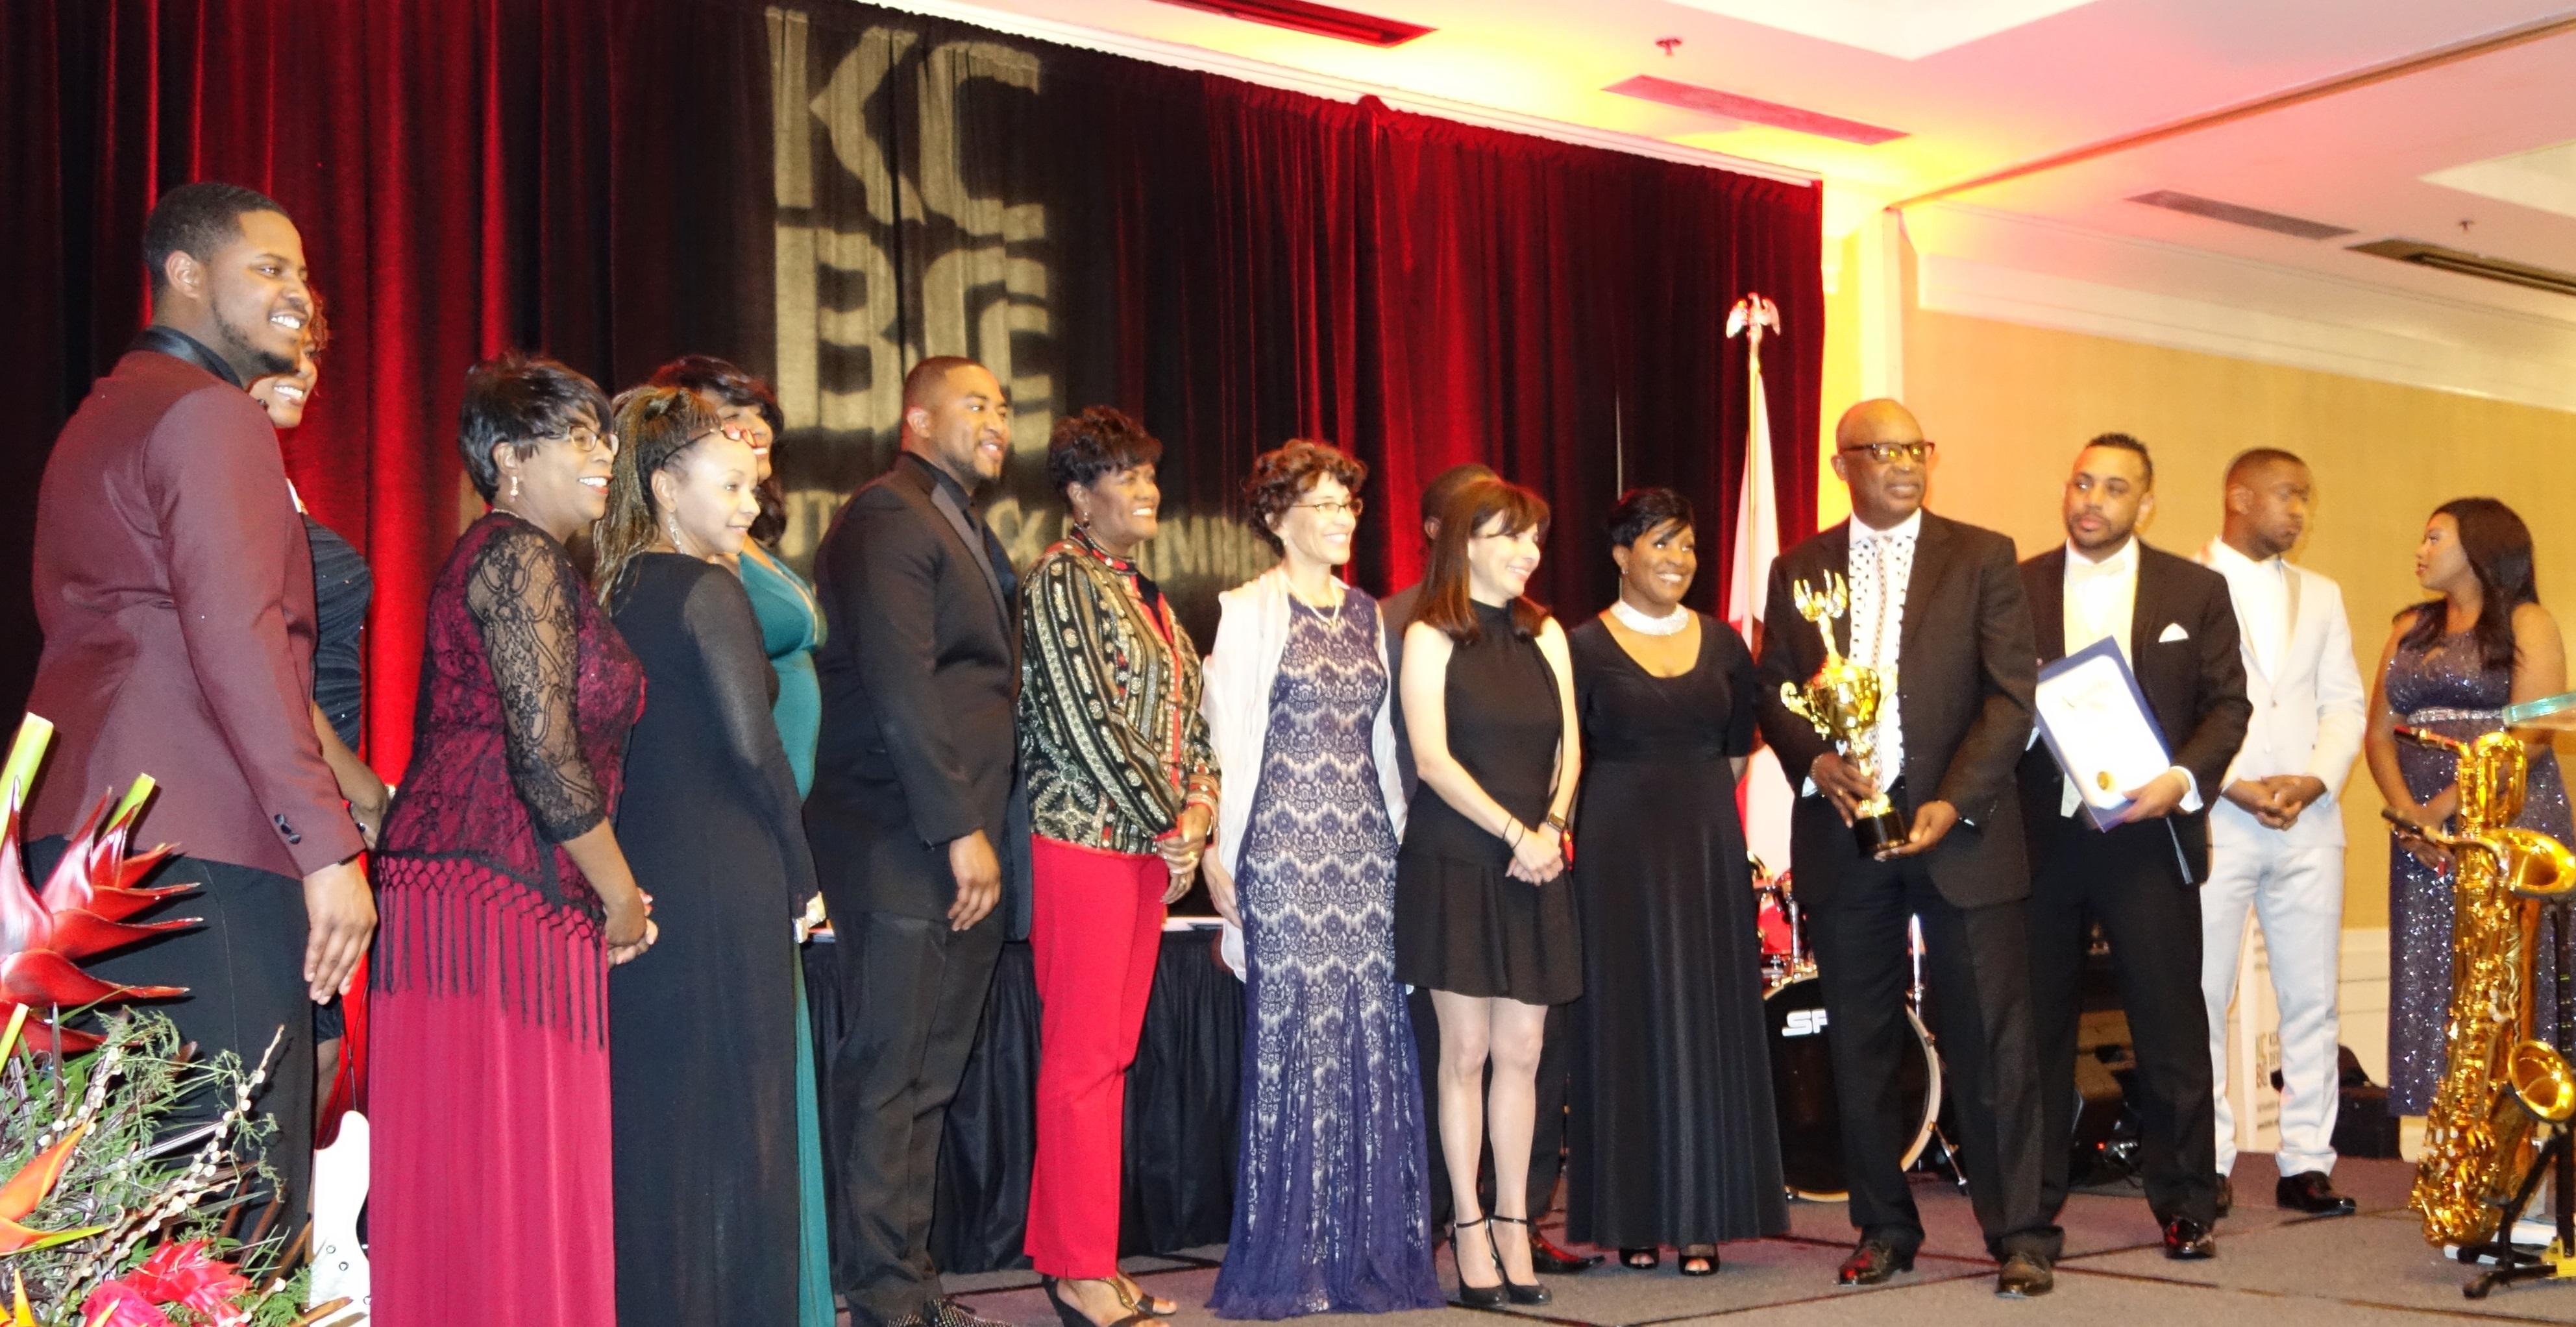 Sonya Christian, Steve Watkin and BC receiving award at KCBCC